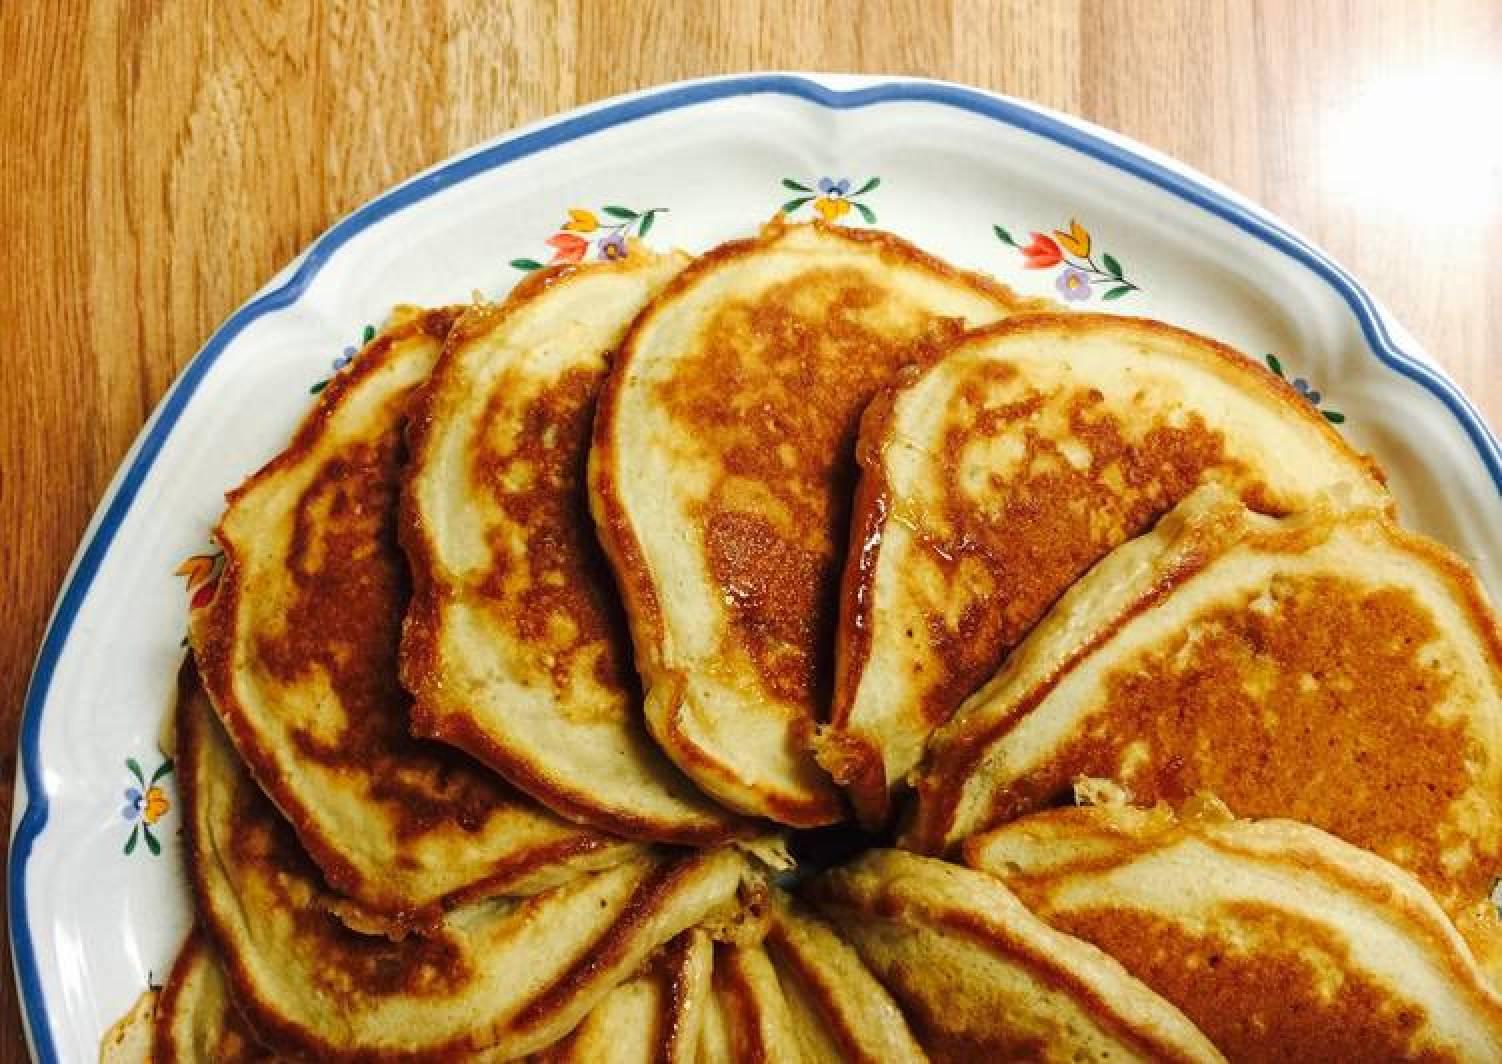 Make And Take Maple-Apple Pancakes